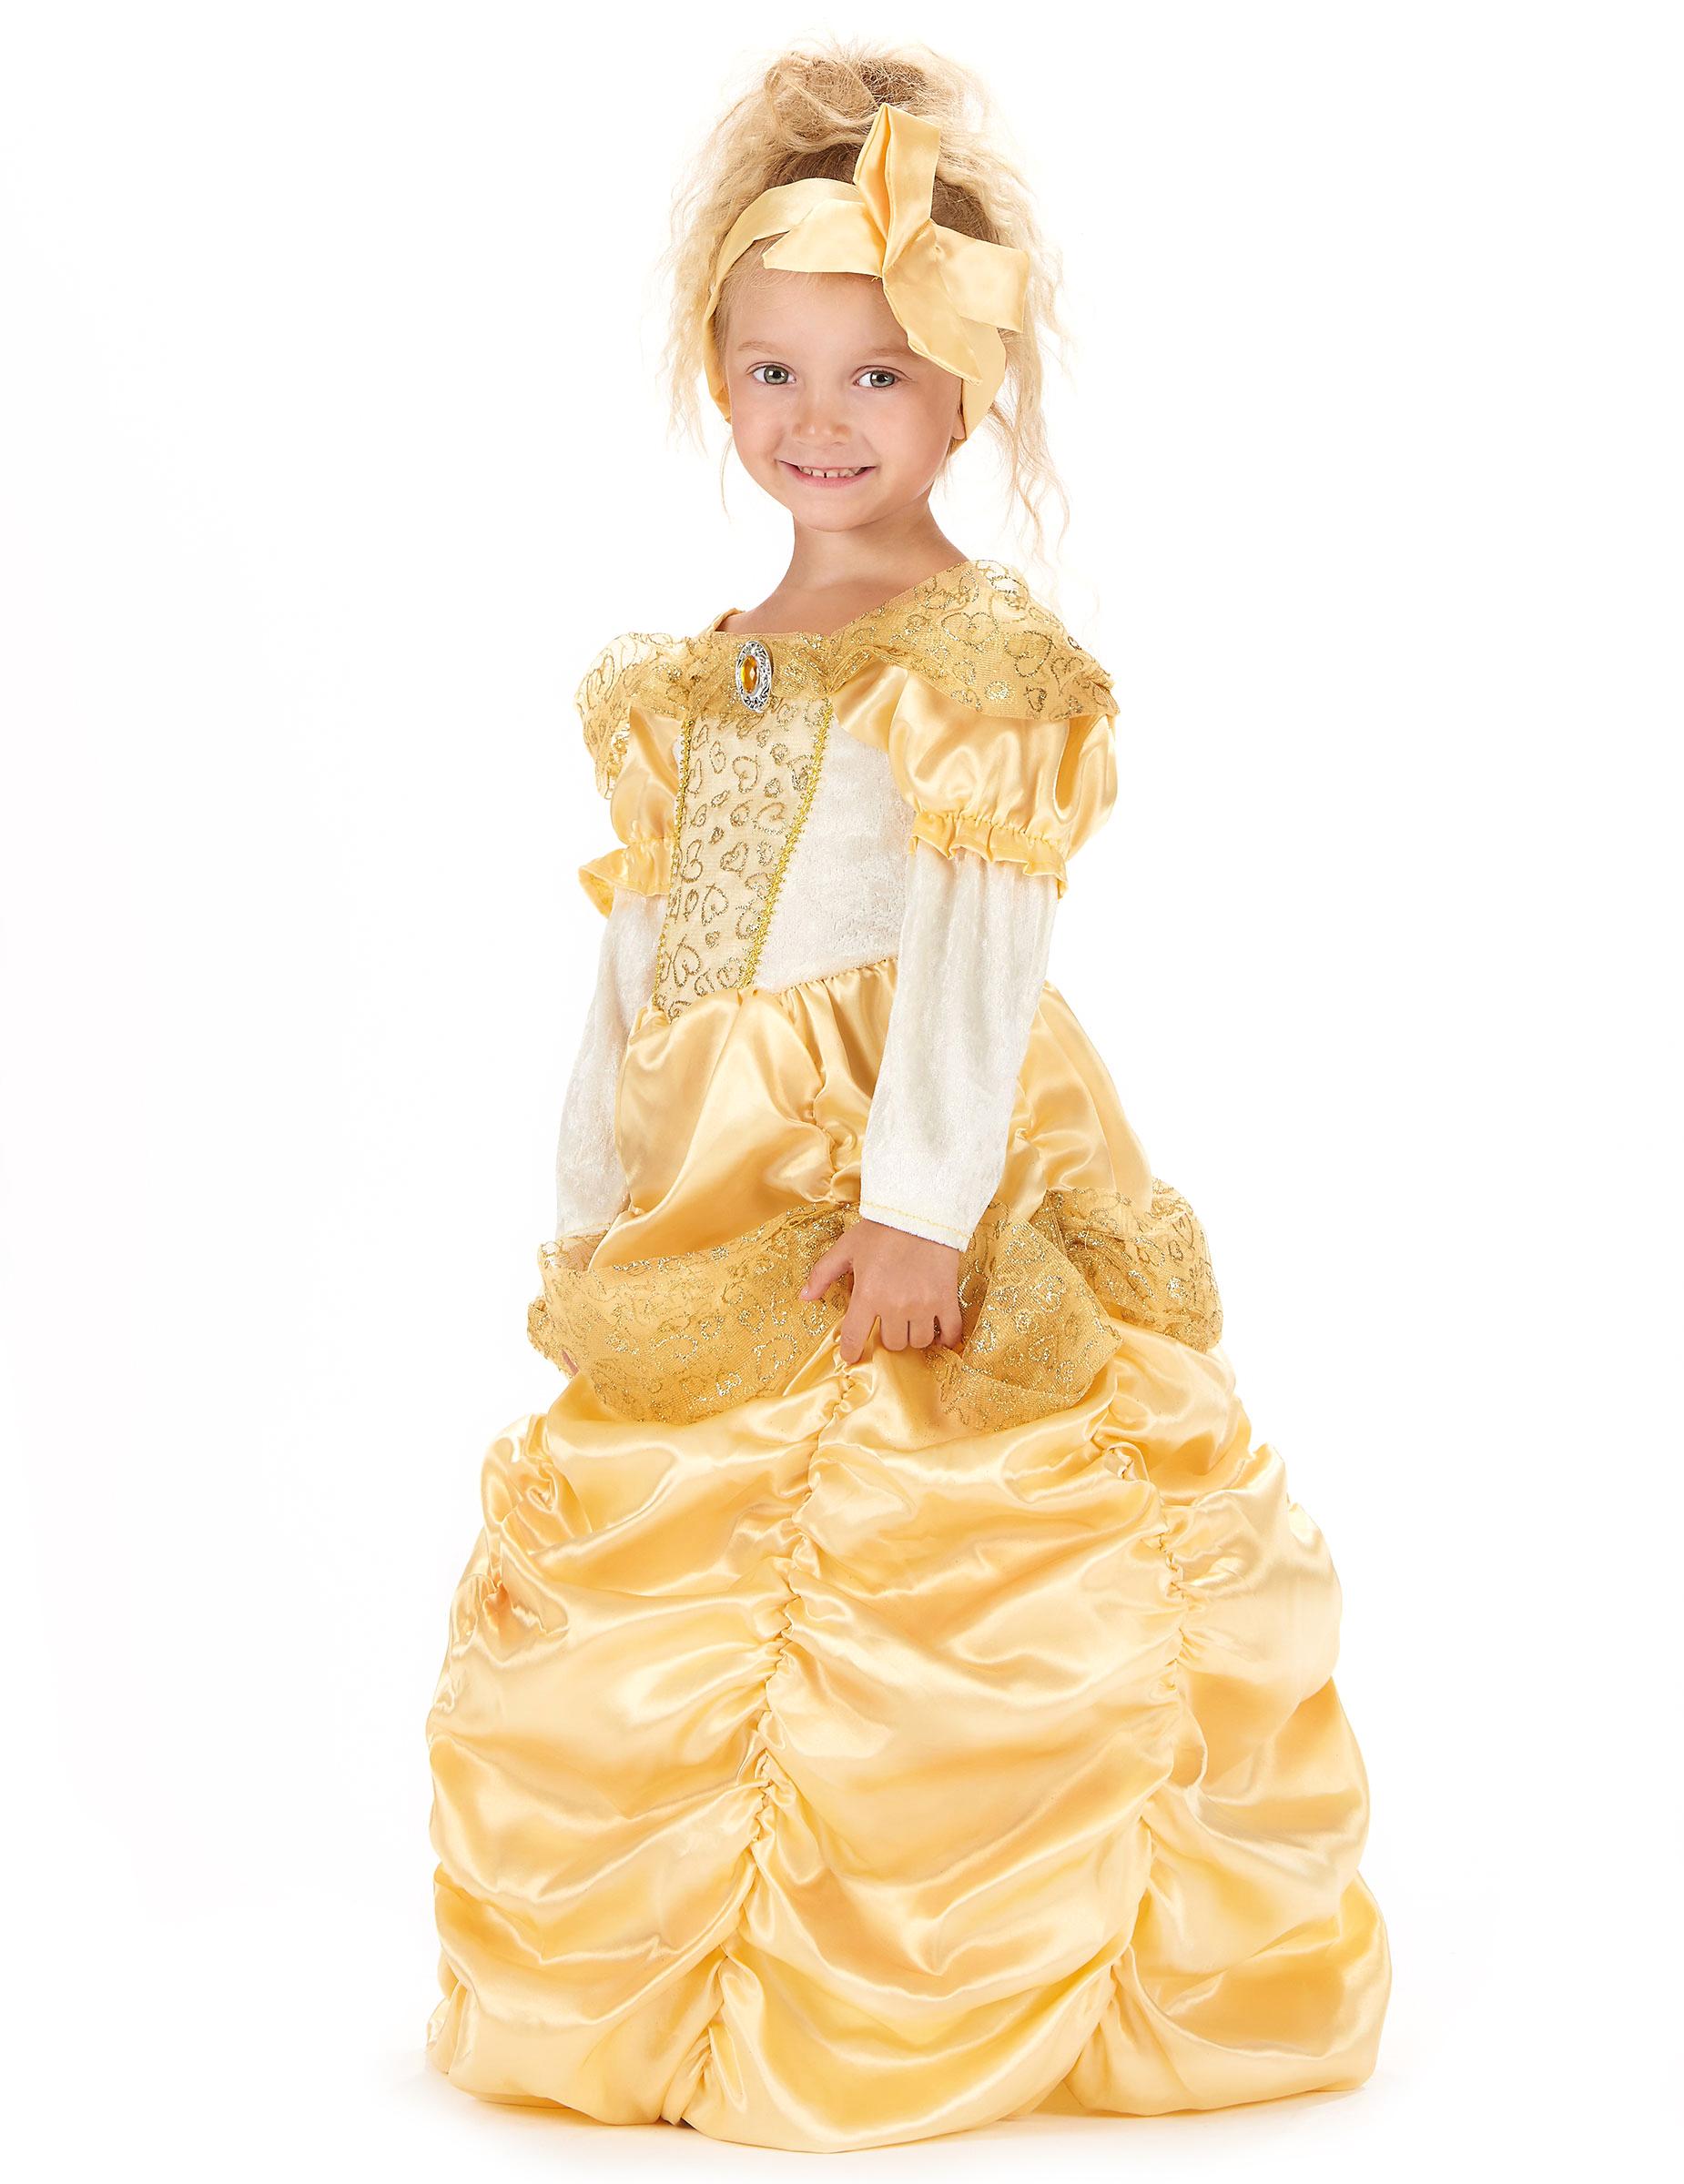 D guisement princesse dor e fille deguise toi achat de d guisements enfants - Deguisement fille princesse ...